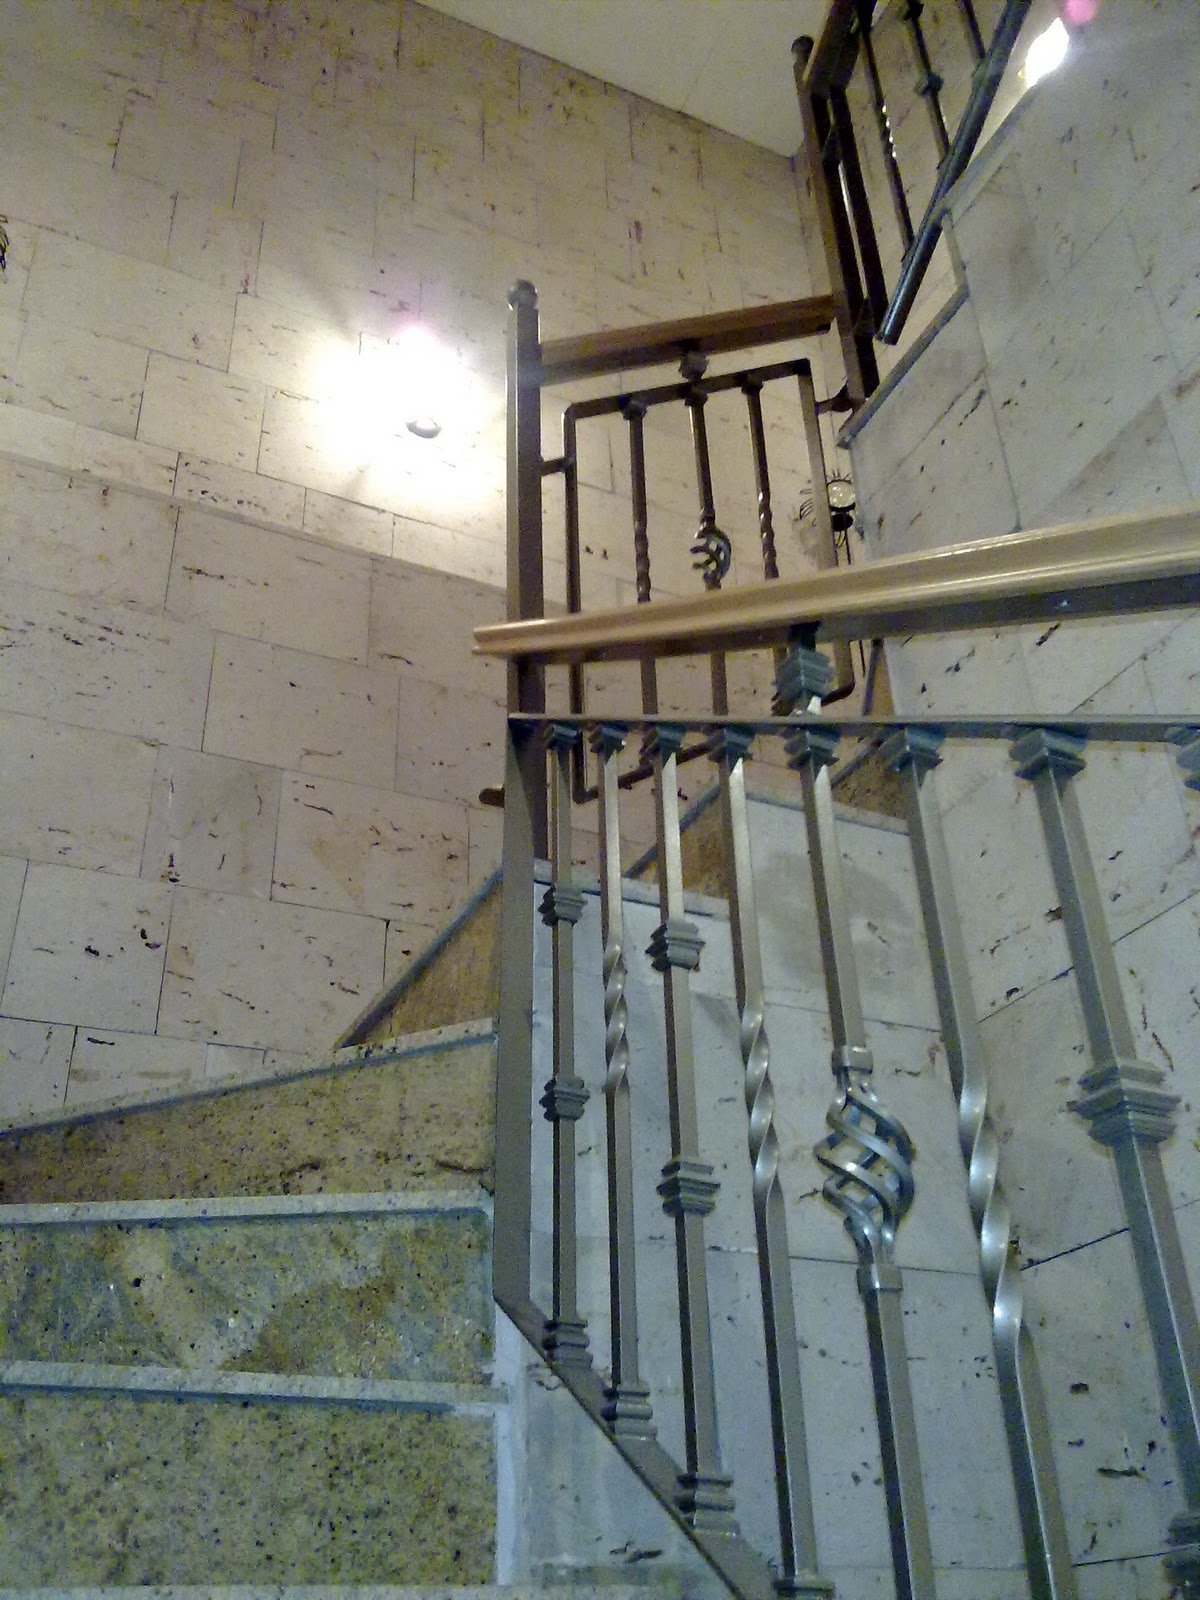 Pasamanos para escaleras pasamanos de madera acero share - Pasamanos de madera para escaleras ...